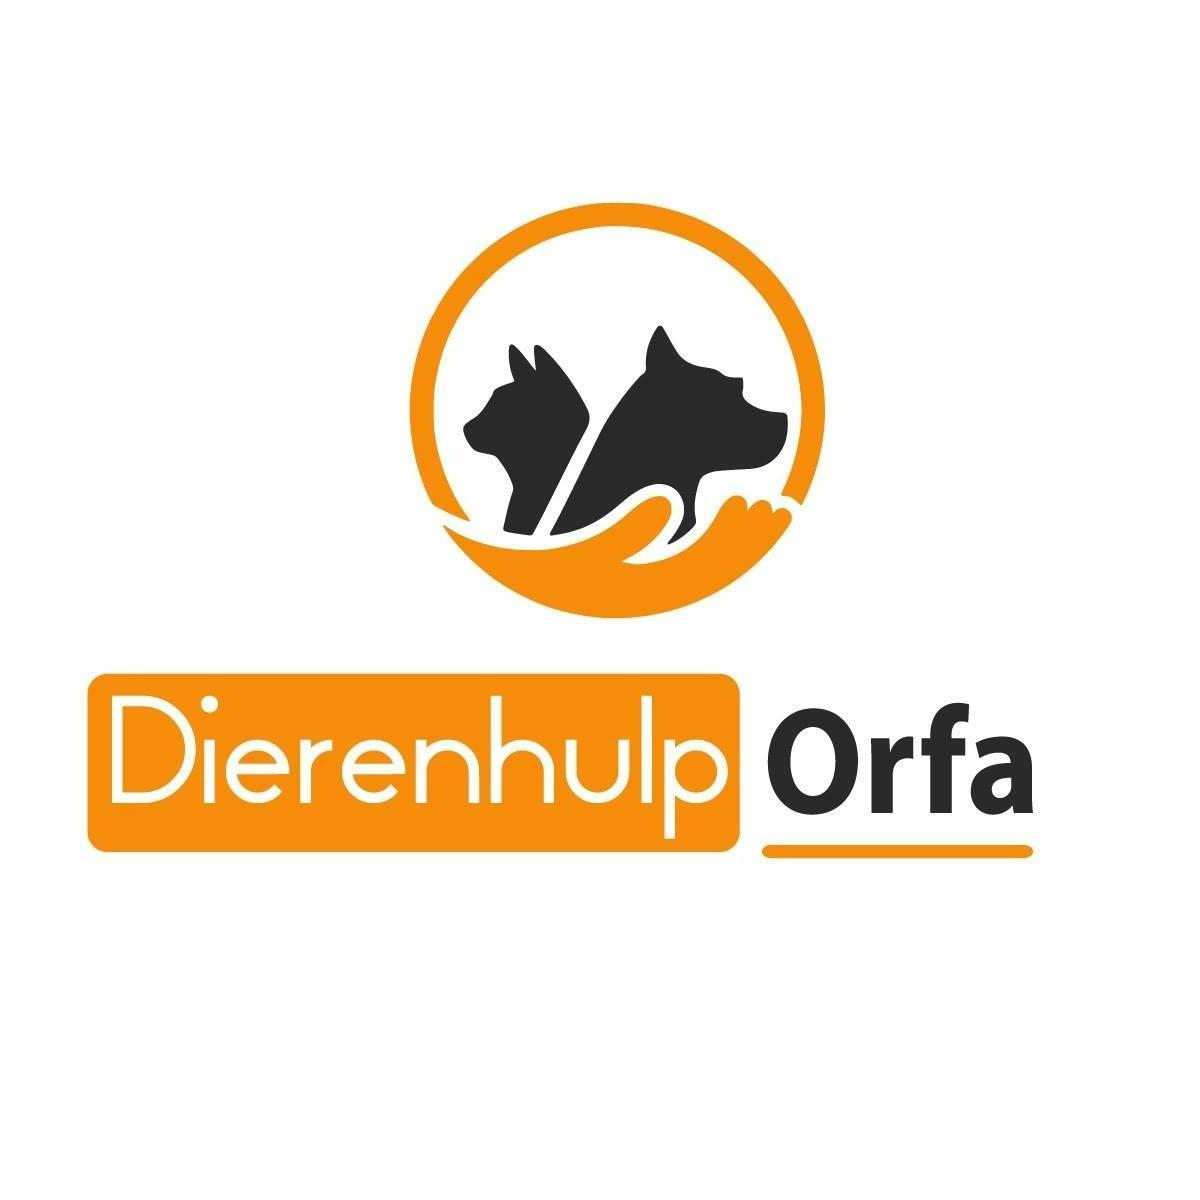 STICHTING DIERENHULP ORFA